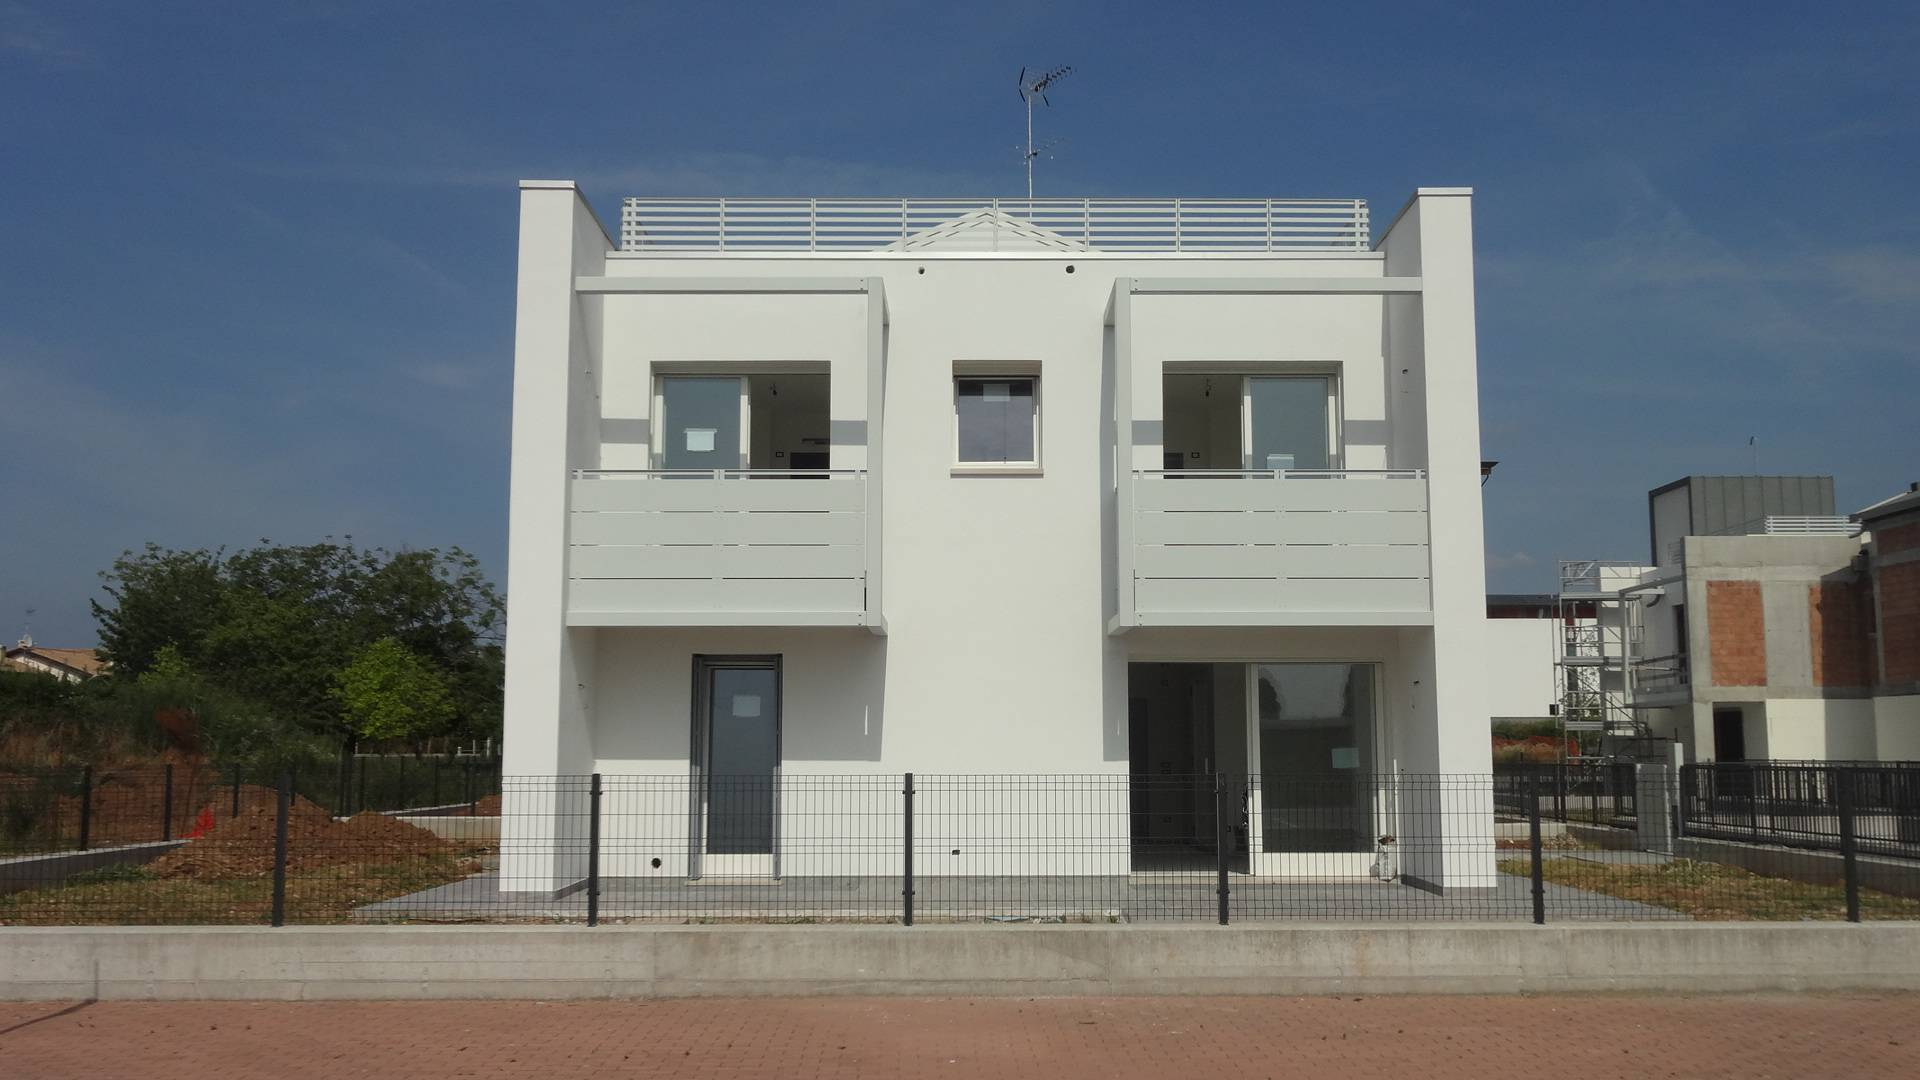 Villa a Schiera in vendita a Montebelluna, 4 locali, zona Località: LaPieve, prezzo € 450.000 | Cambio Casa.it